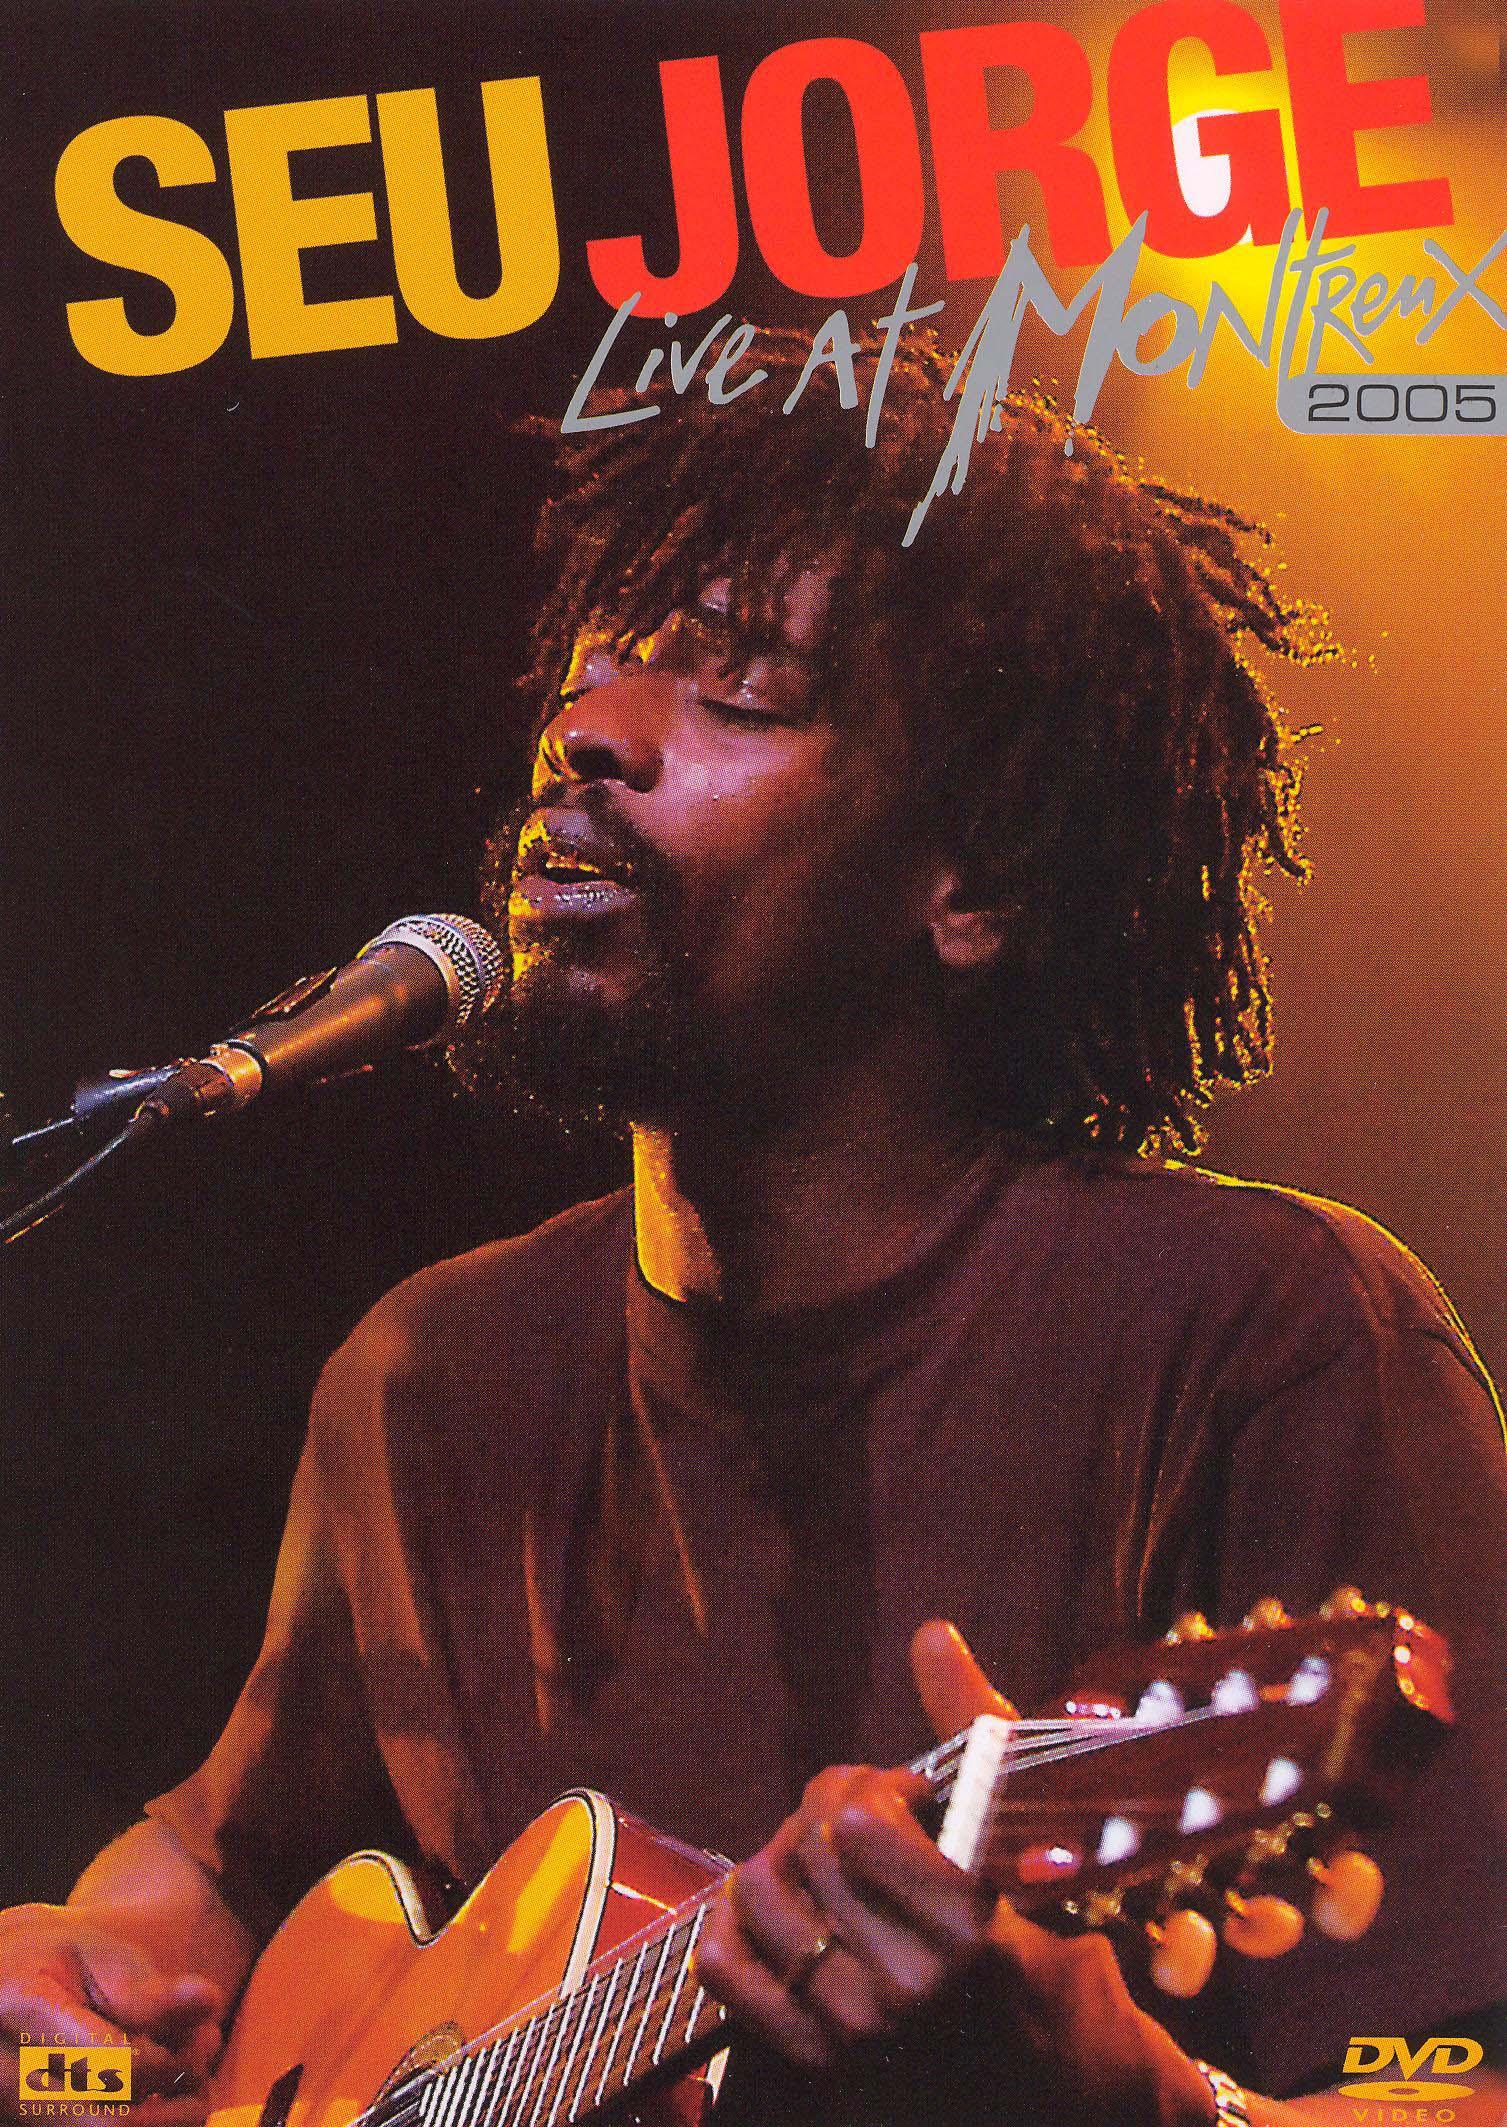 Seu Jorge: Live at Montreux 2005